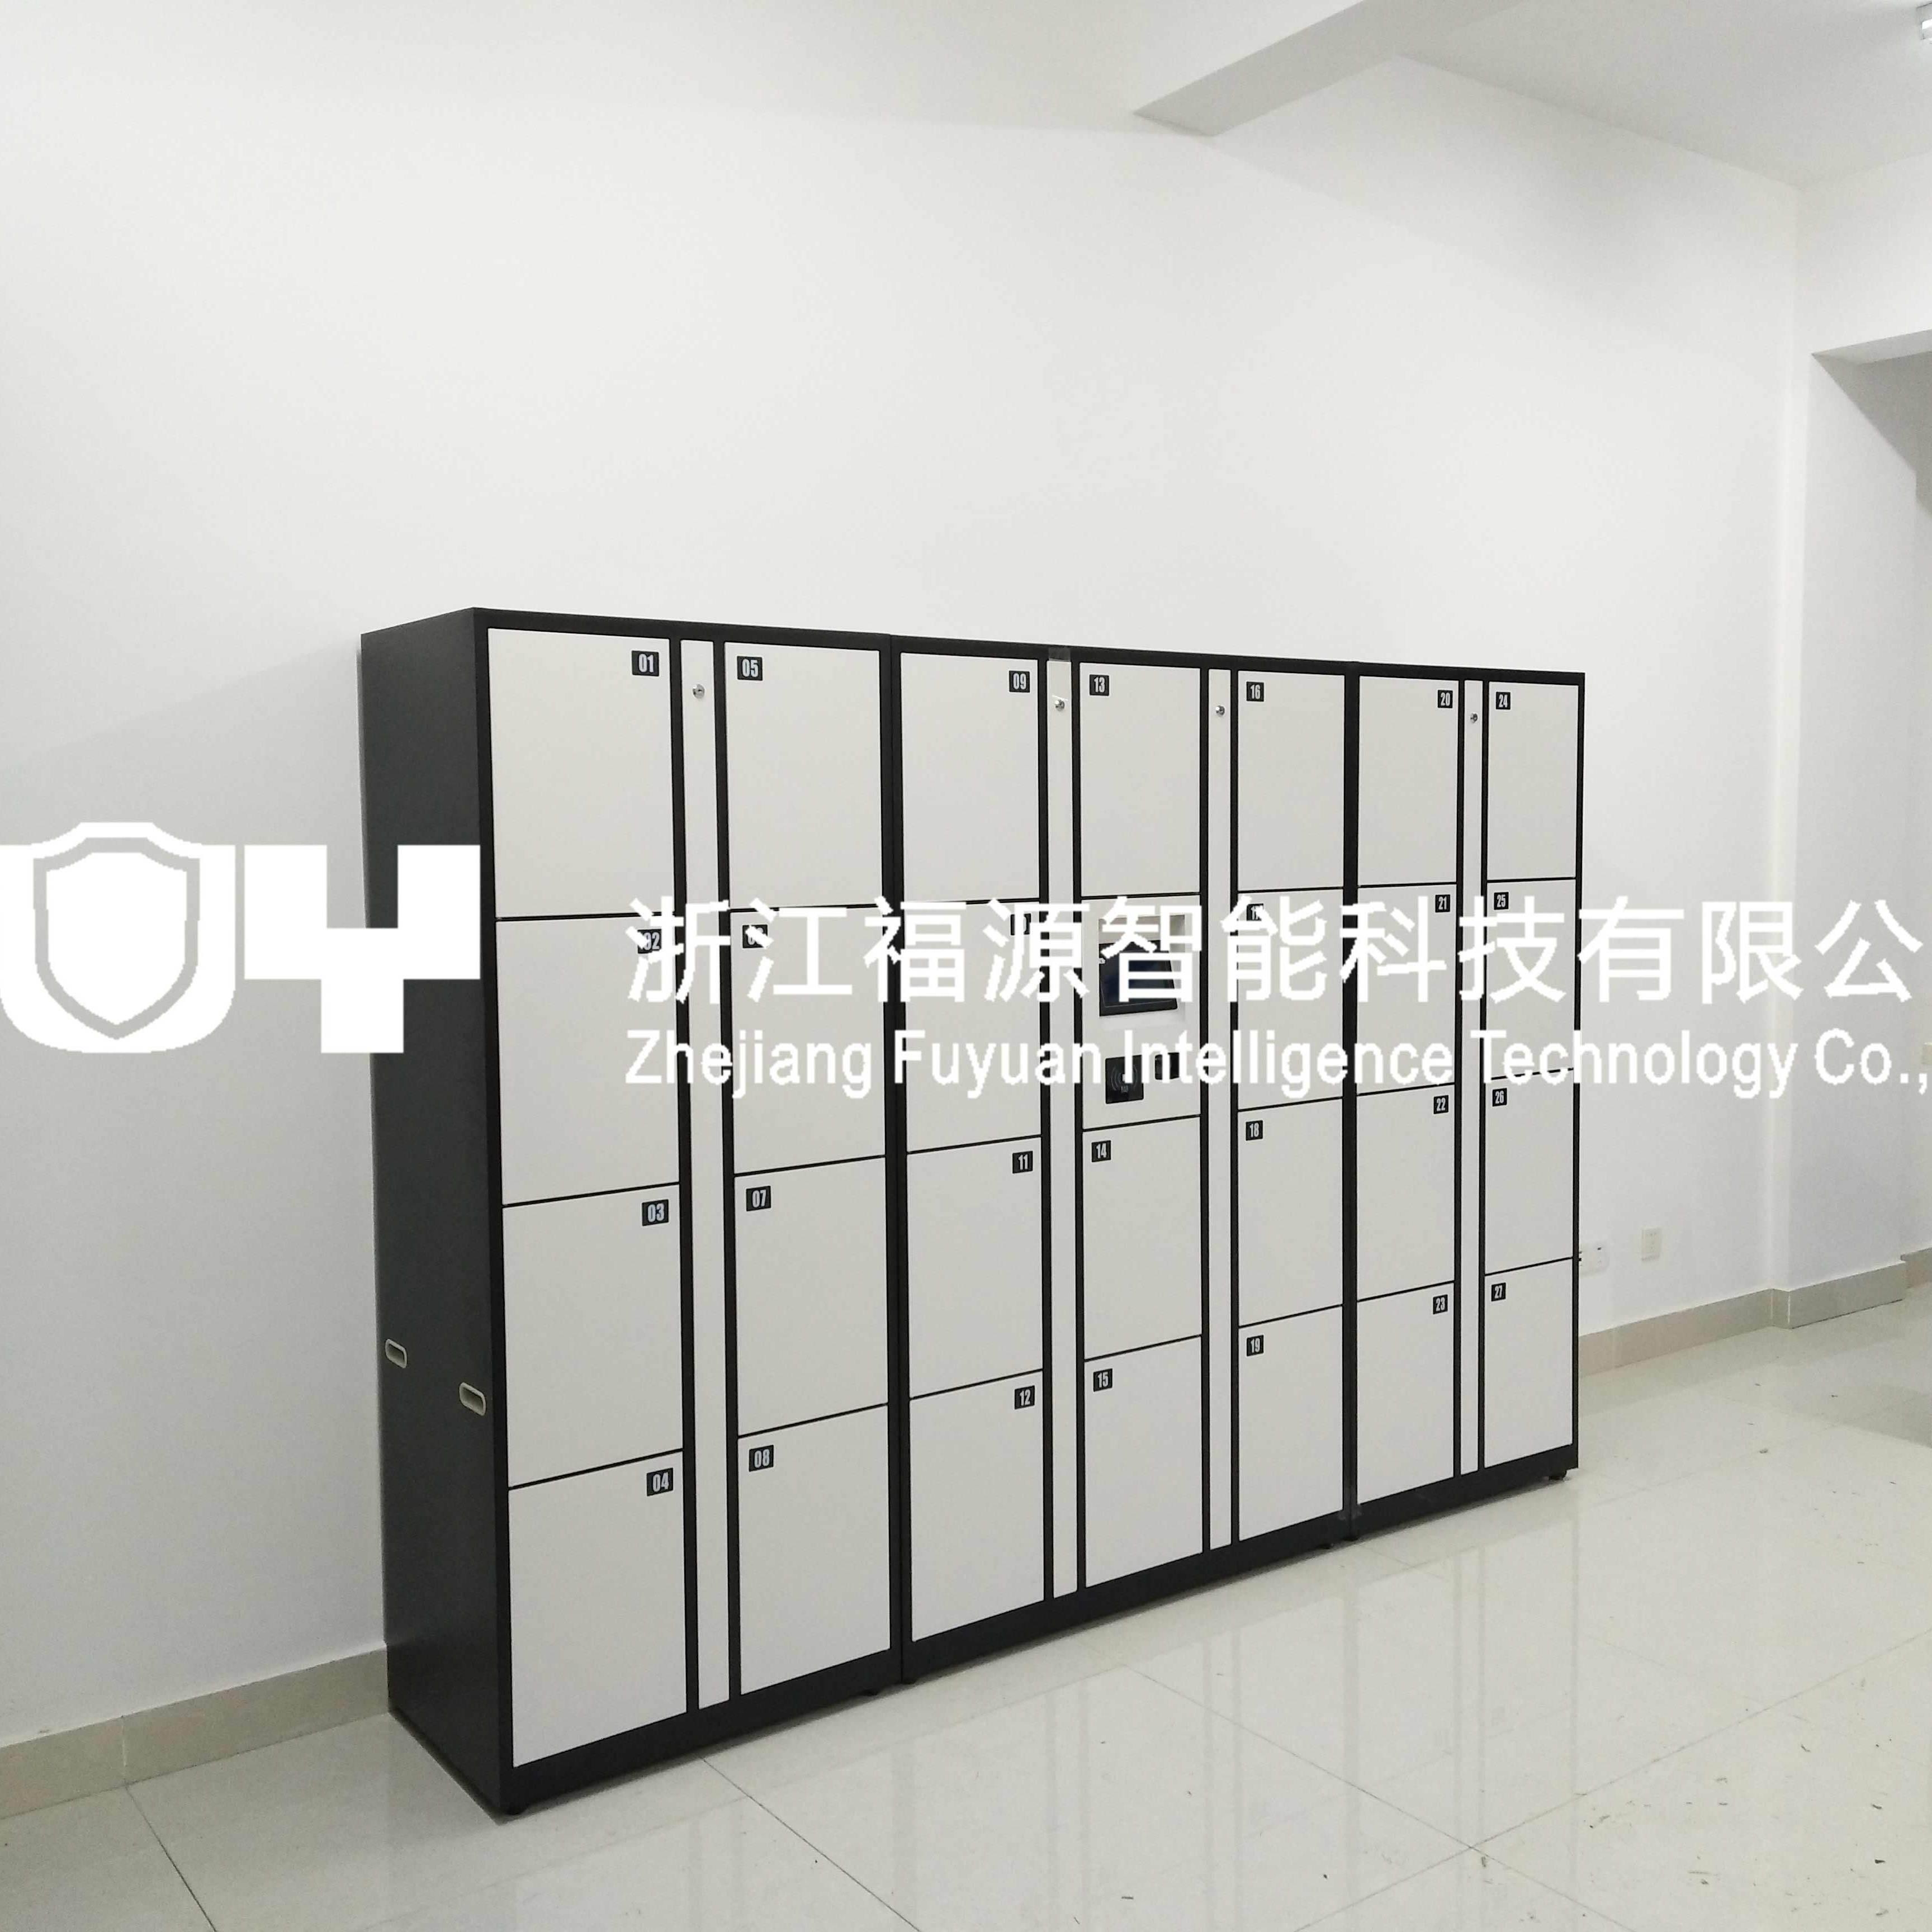 物证柜 涉案物品保管柜及电子卷宗柜的系统优势-浙江福源